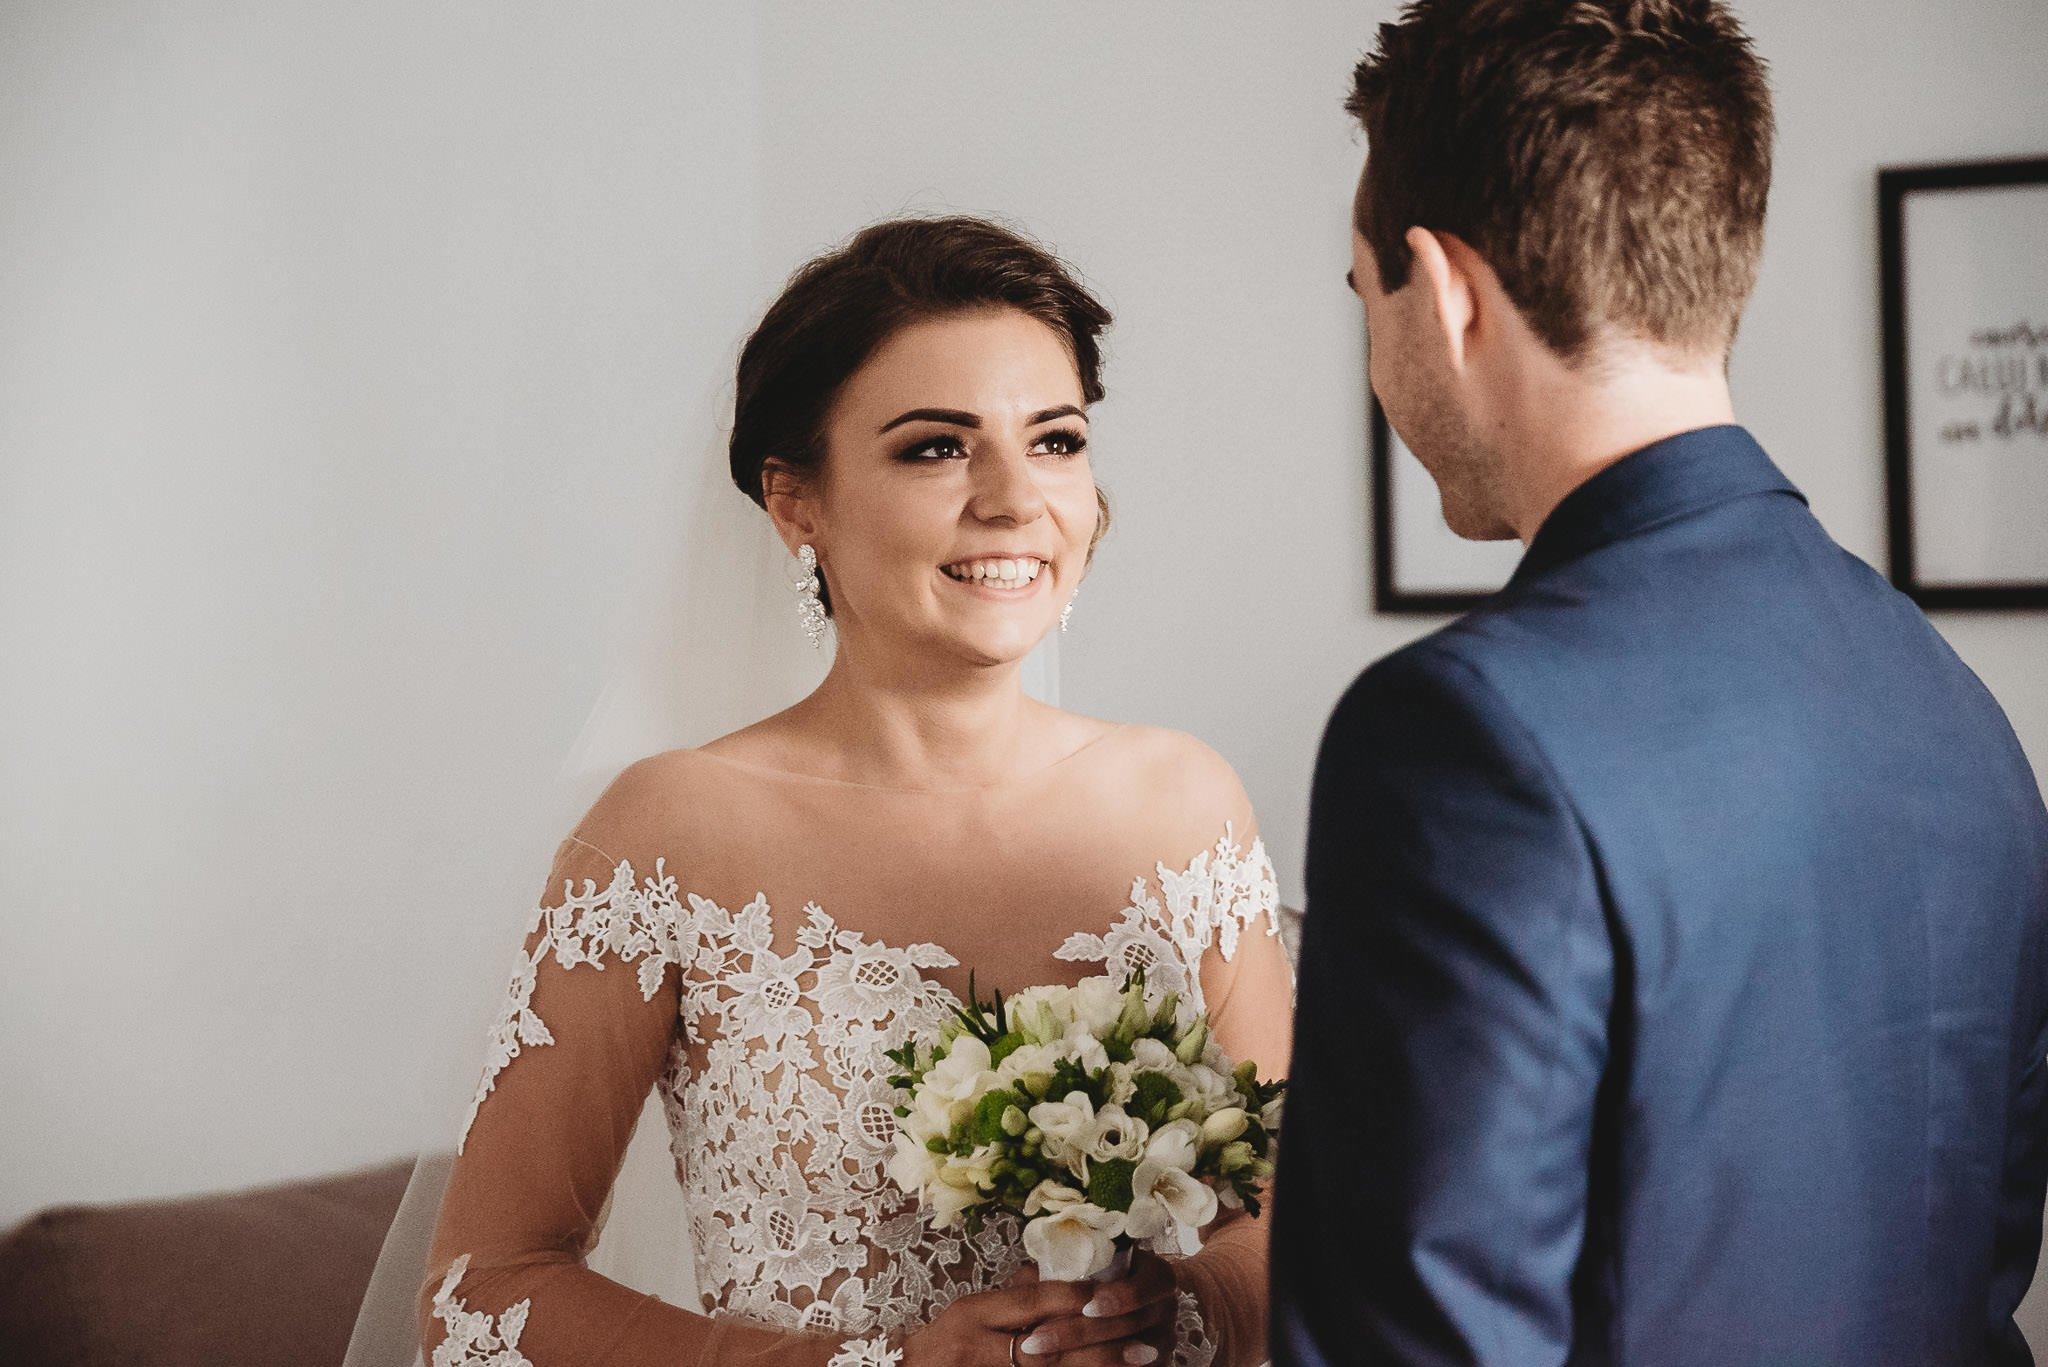 Angelika i Michał, piękne zdjęcia ślubne i sesja plenerowa w Gołuchowie 66